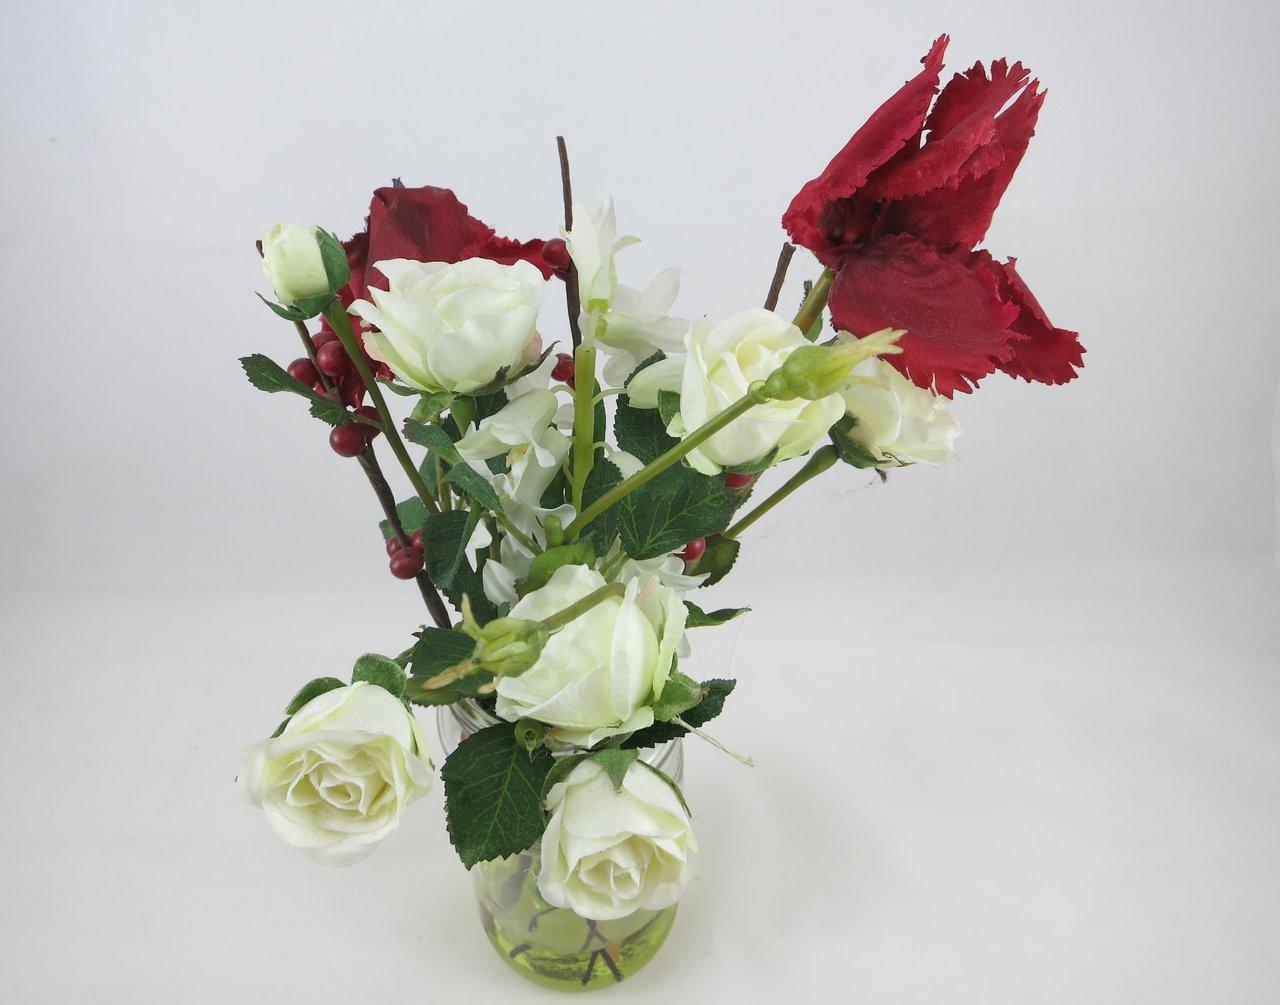 bauernstrauß im glas 30 cm, weiße rosen, deko, sia home fashion